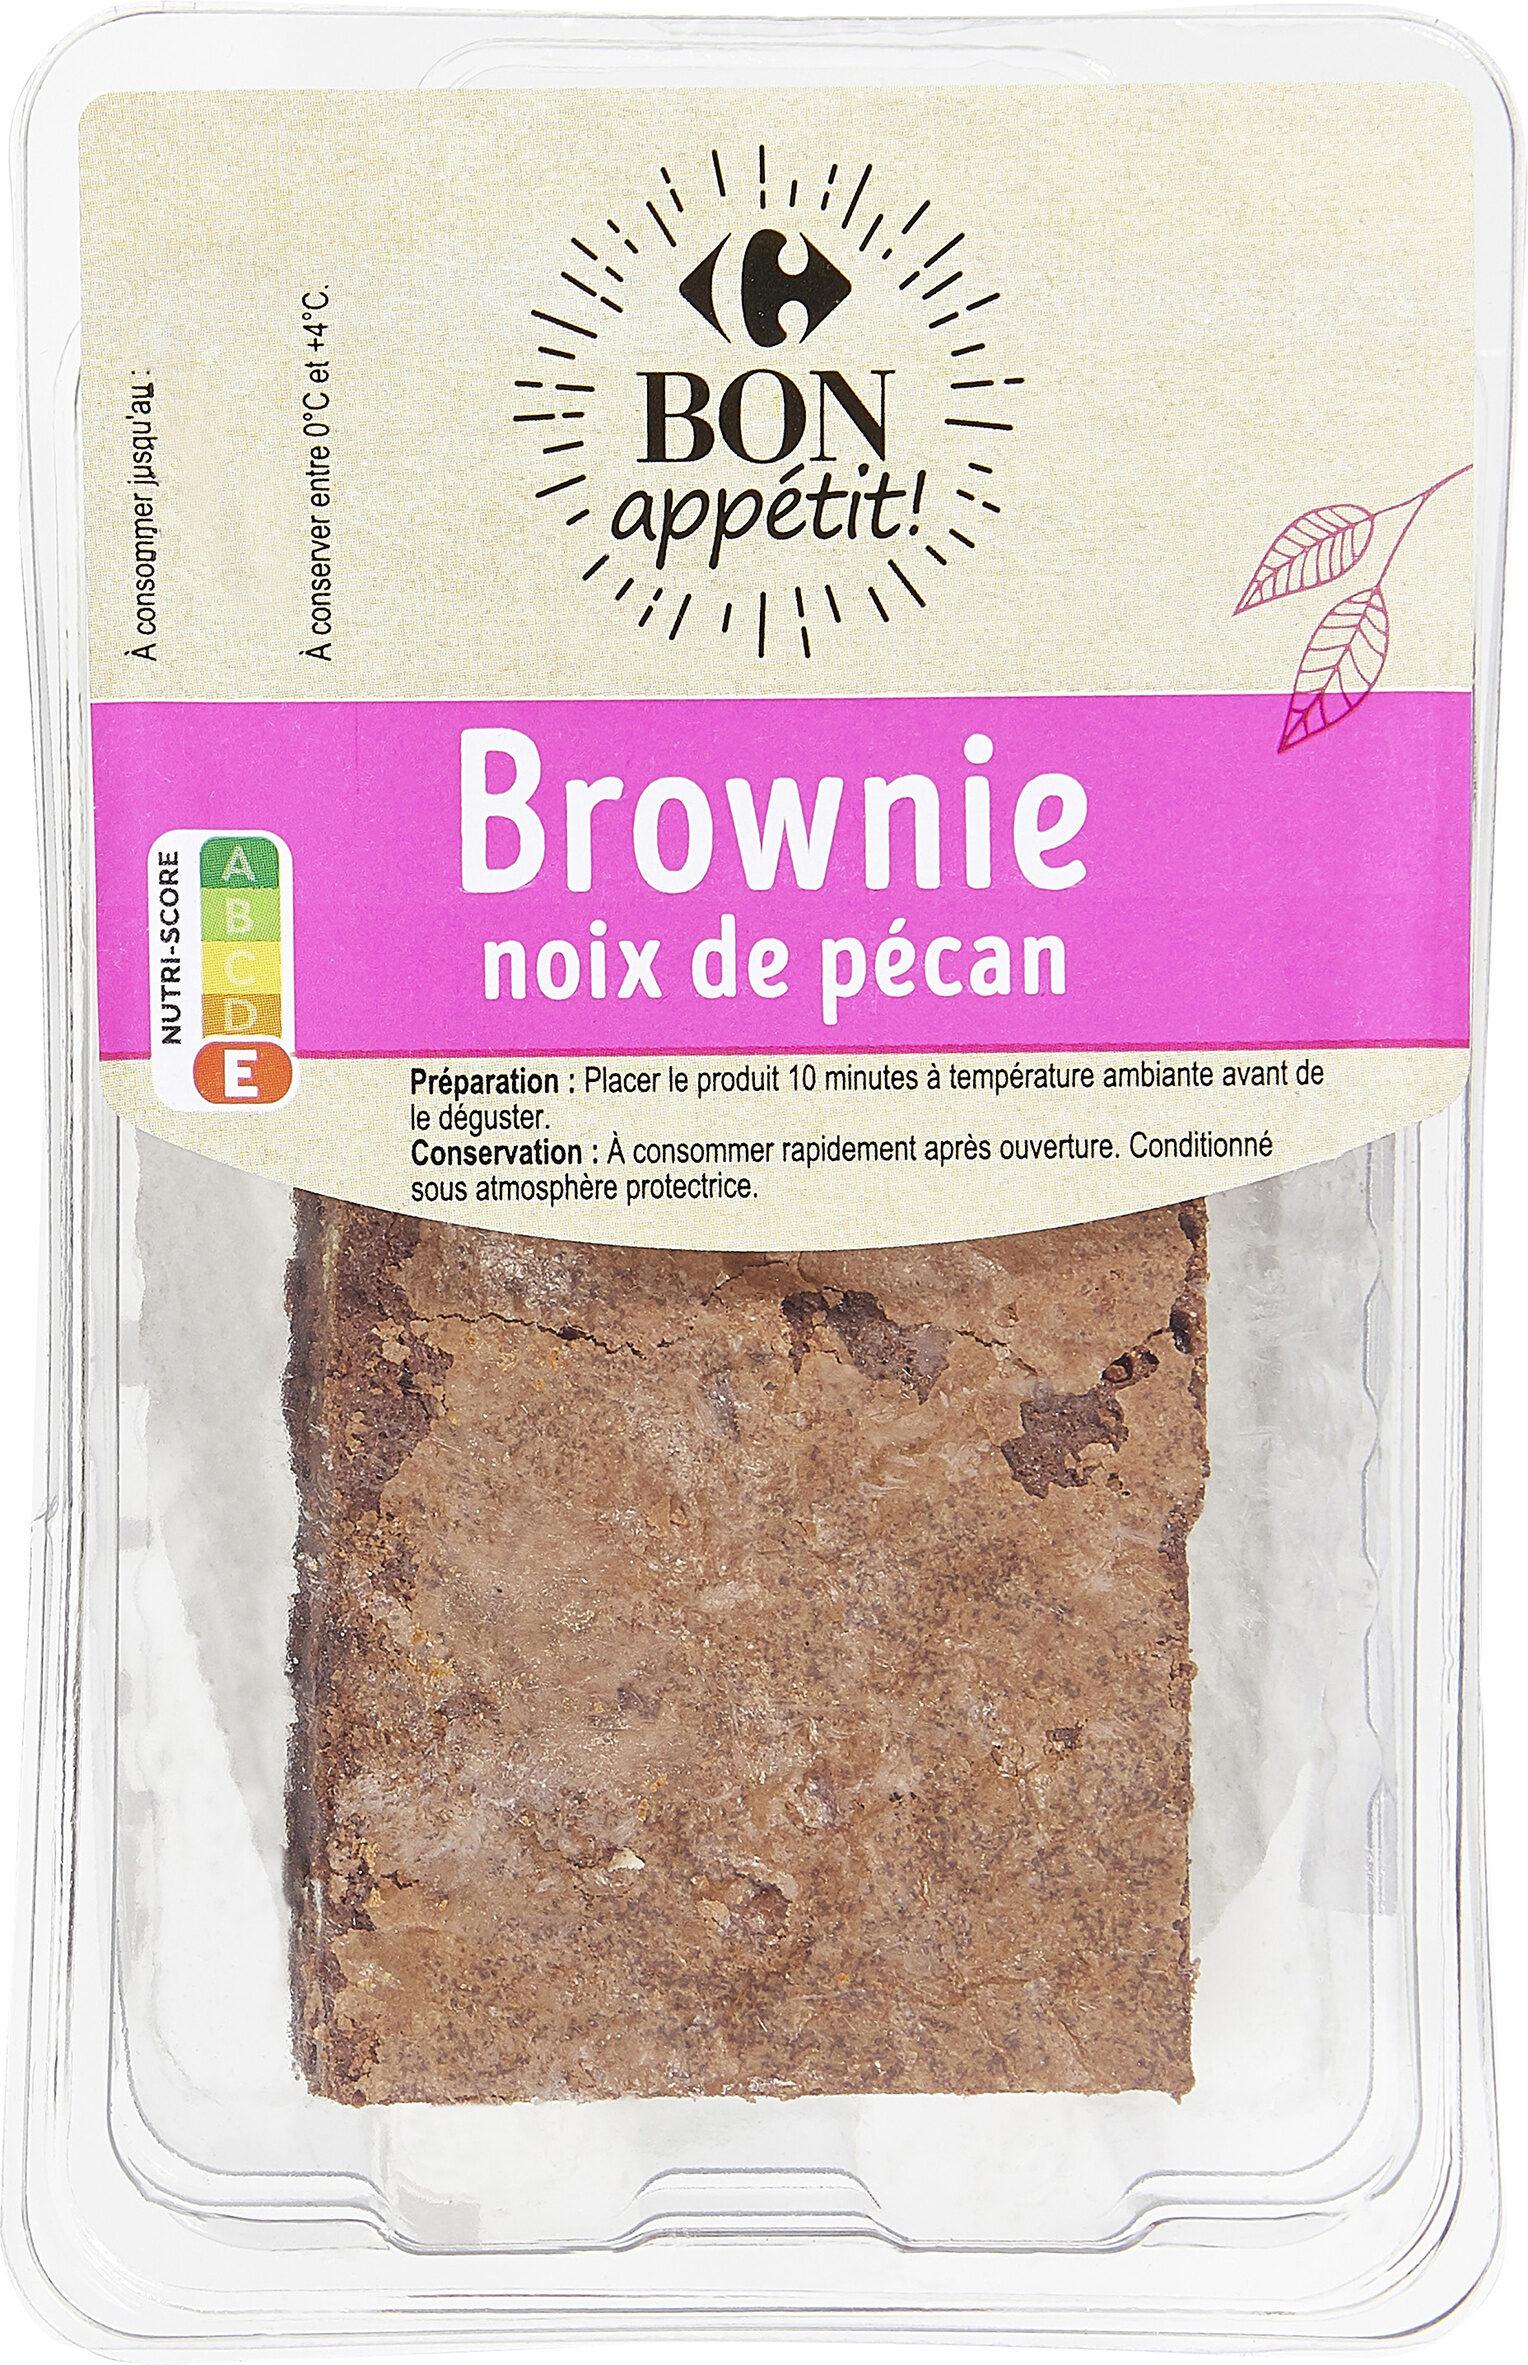 Brownie aux noix de pécan - Produit - fr